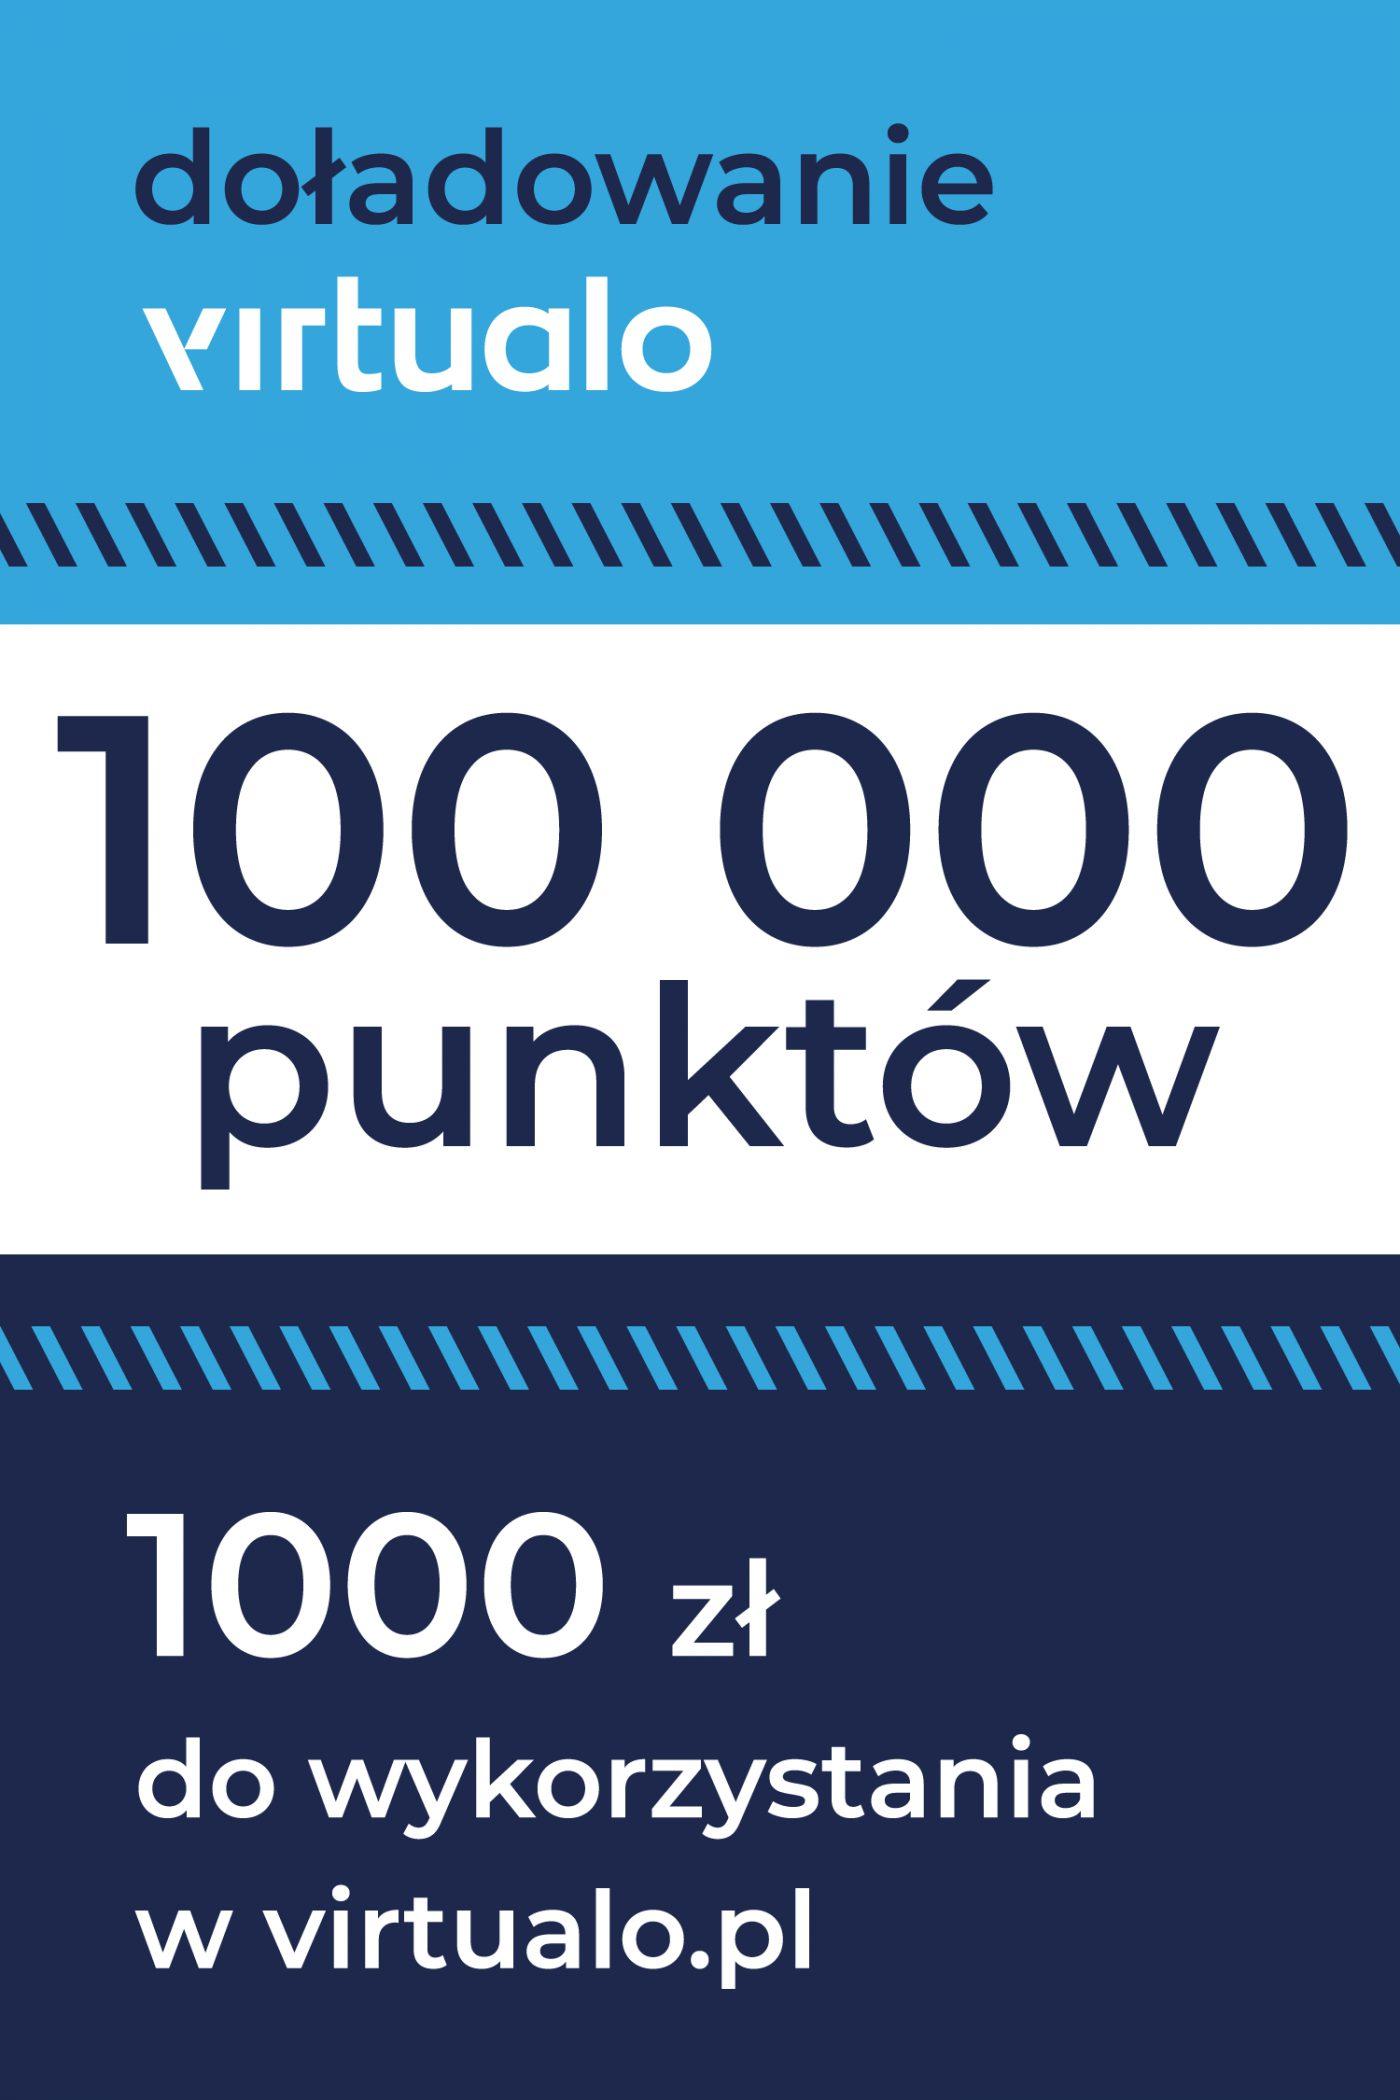 Doładowanie punktów Virtualo - 100000 punktów -